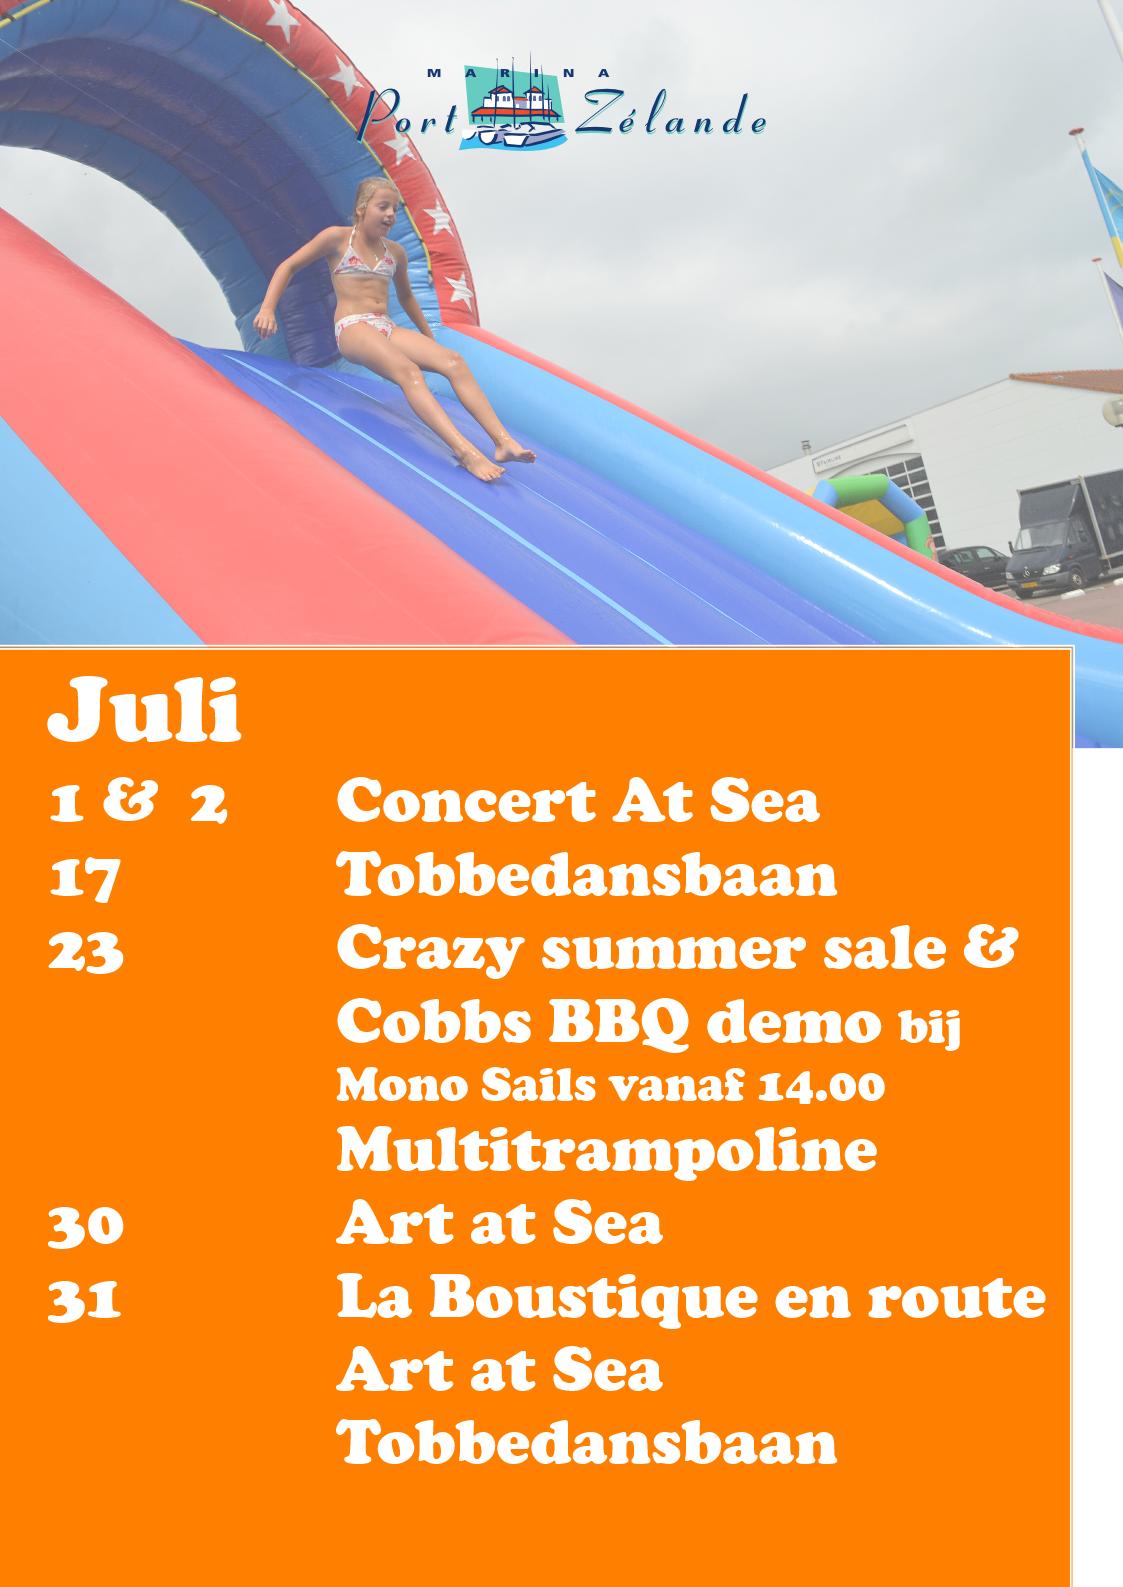 evenementen-juli